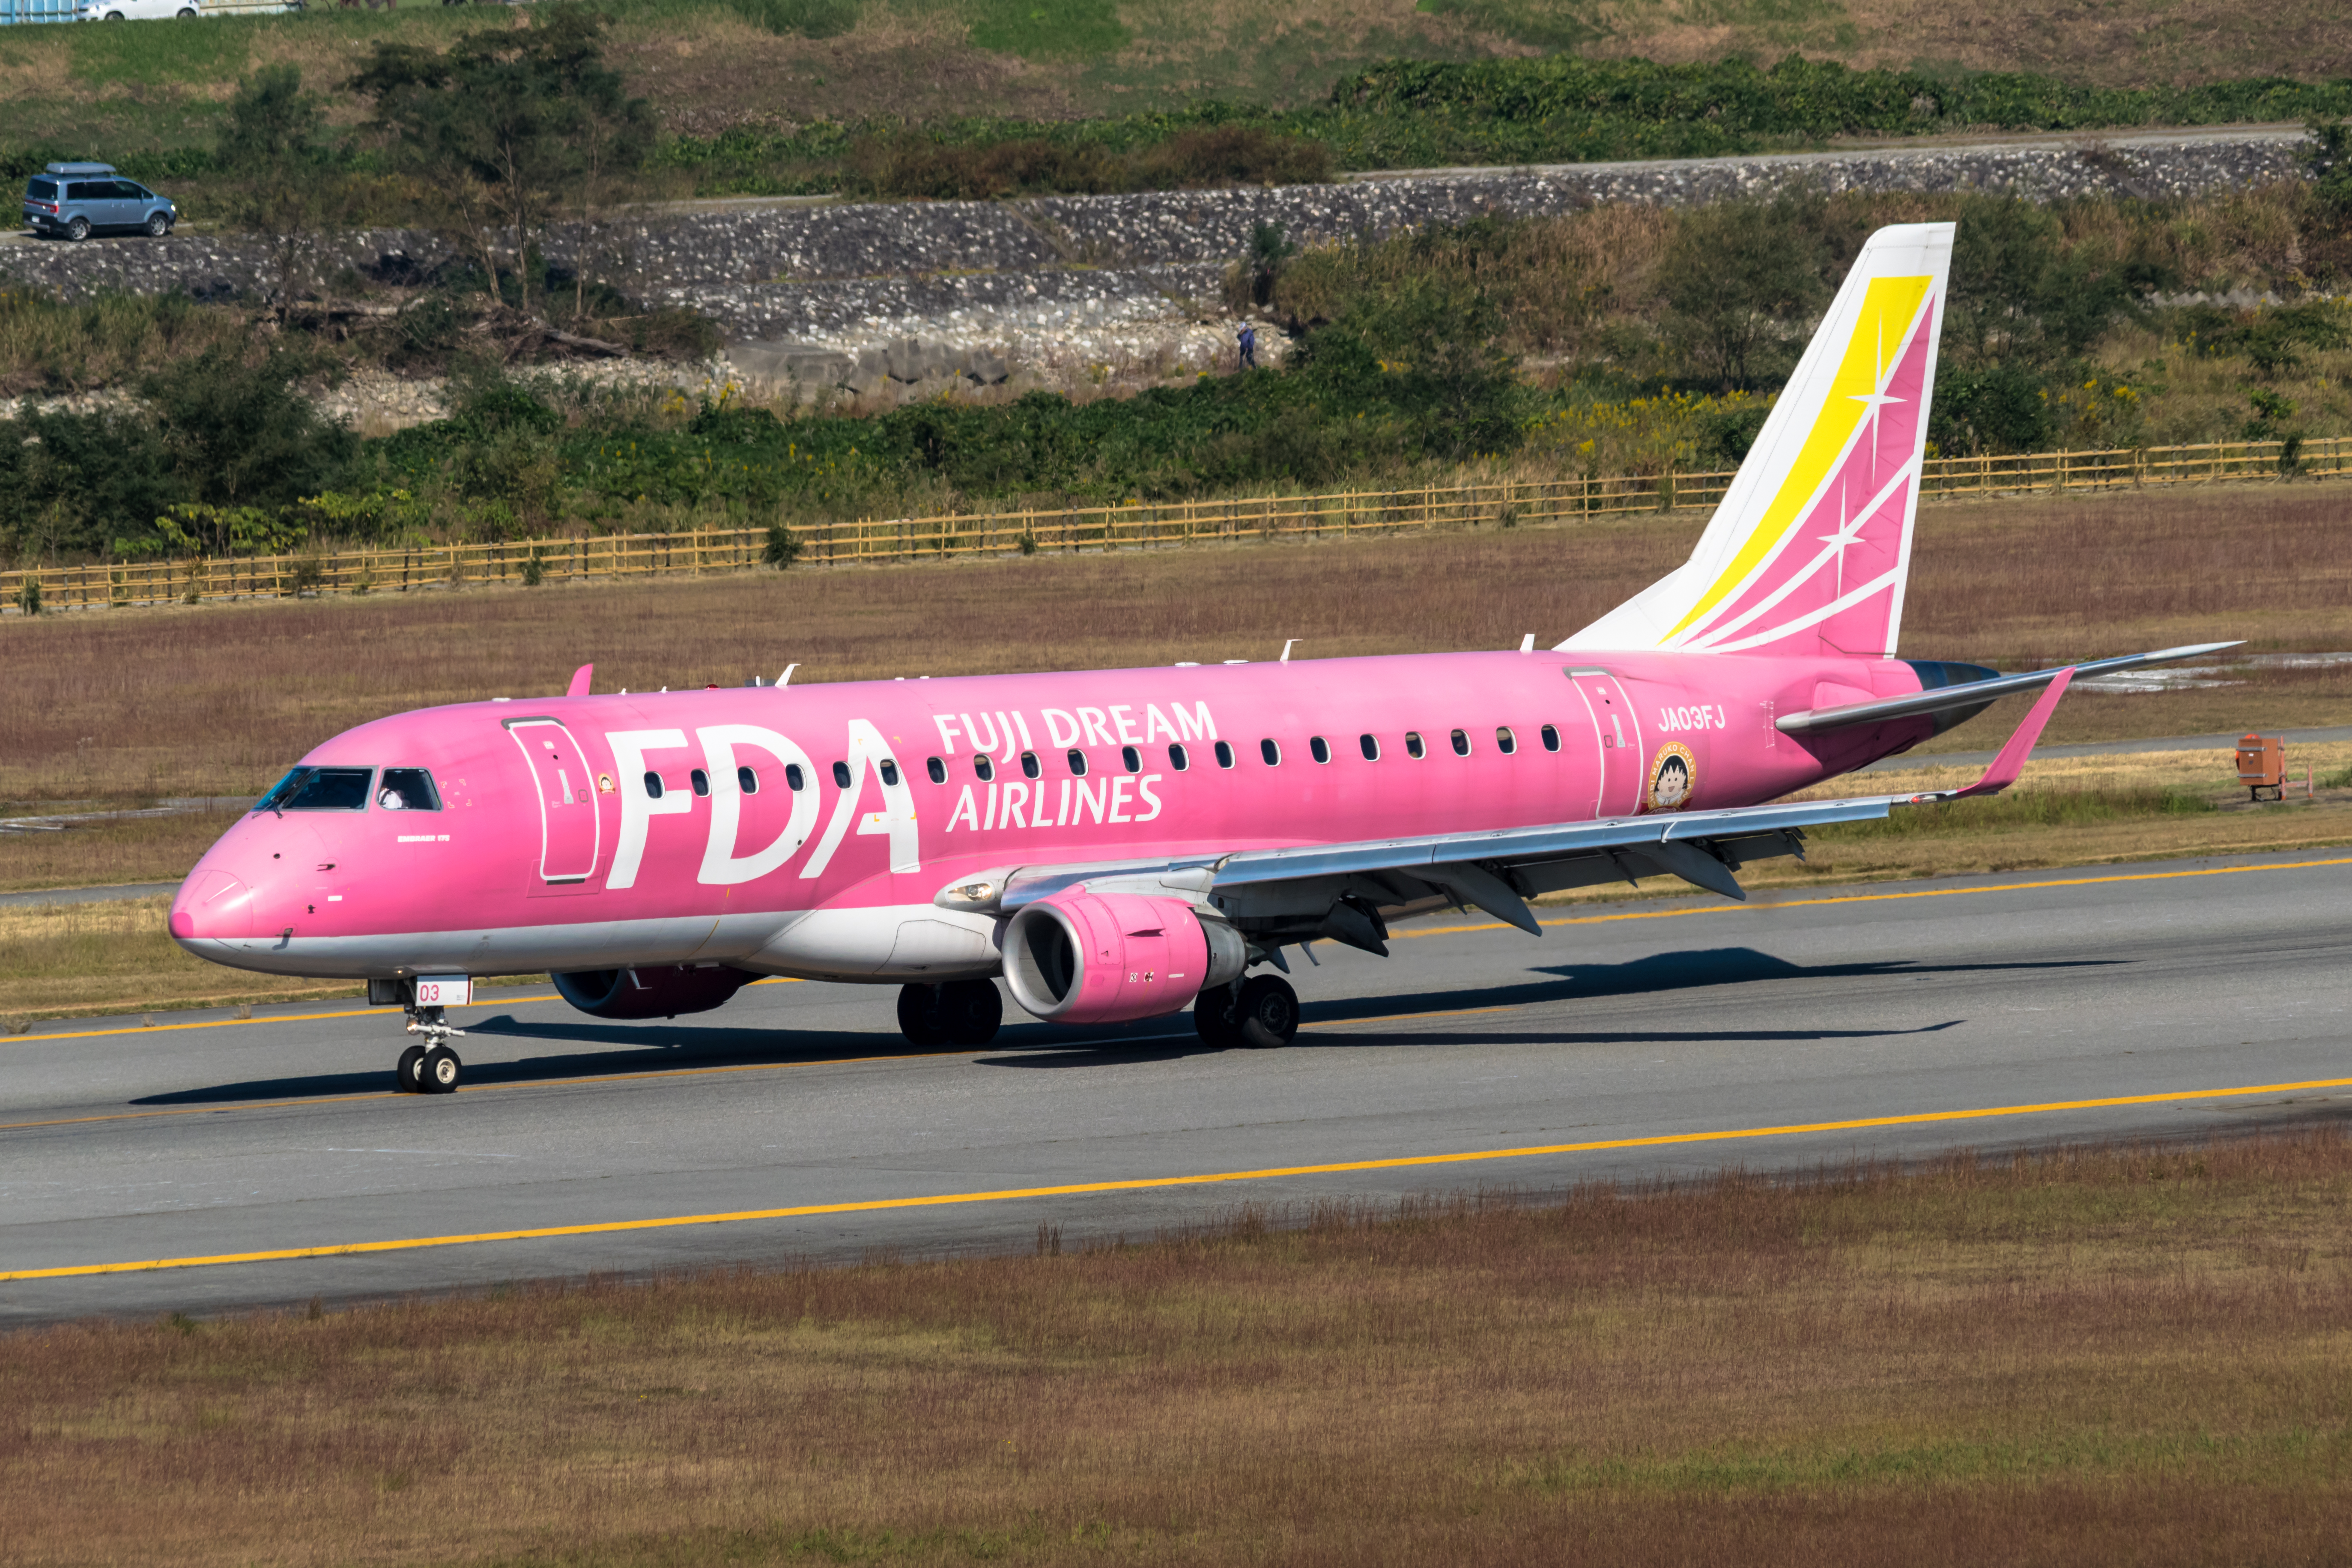 Embraer erj-175 (ja03fj) photo